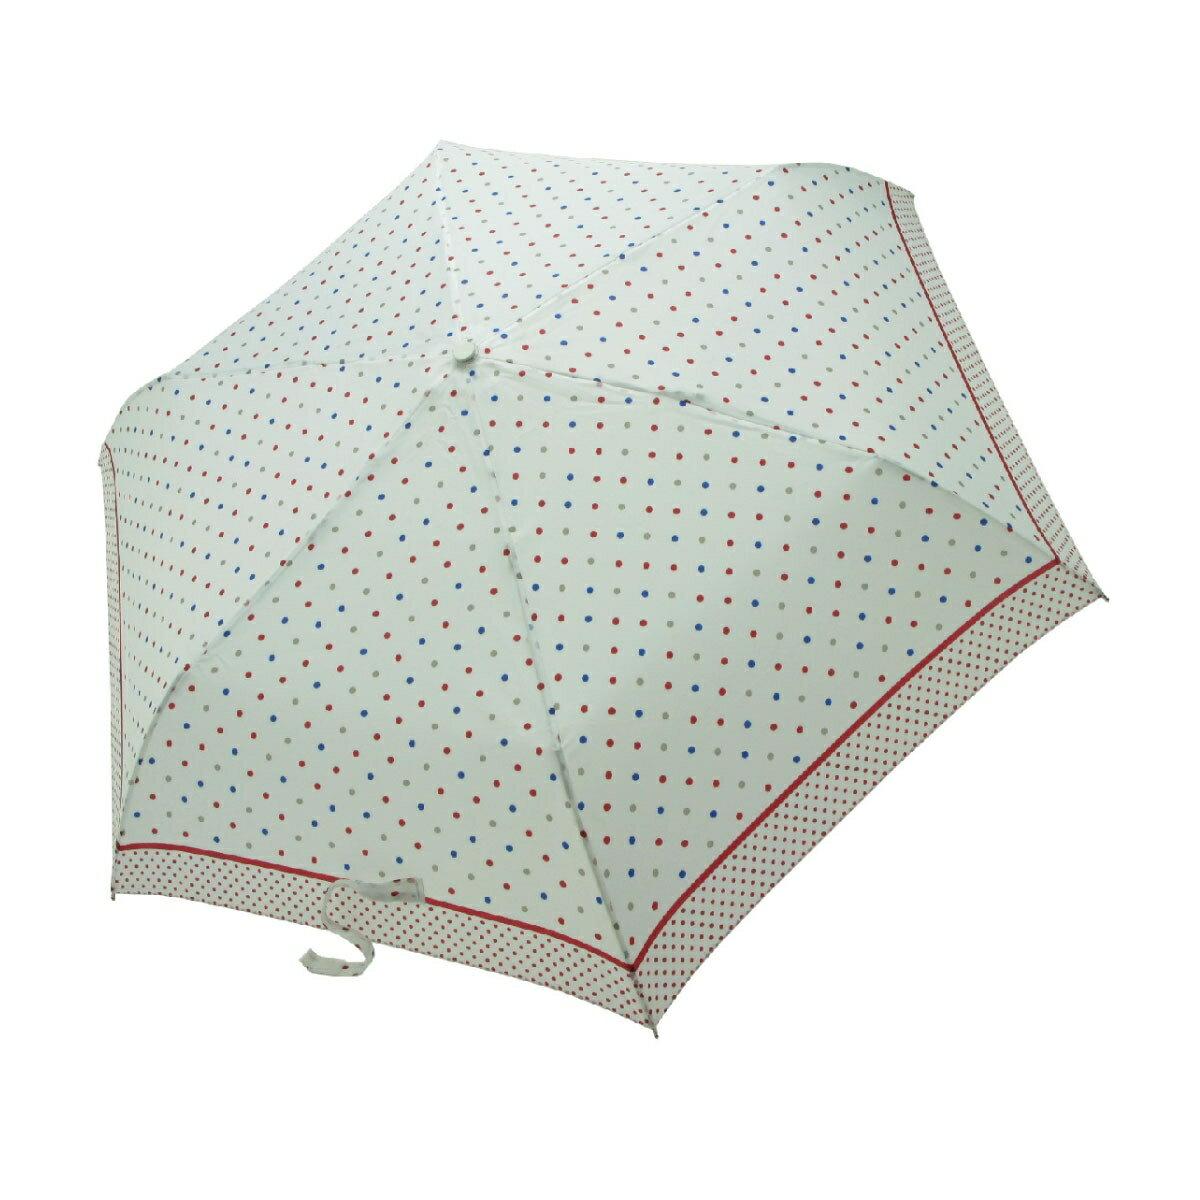 【iumbrella】晴雨兩用傘雨傘 折傘 圓點小彎勾-白色點點